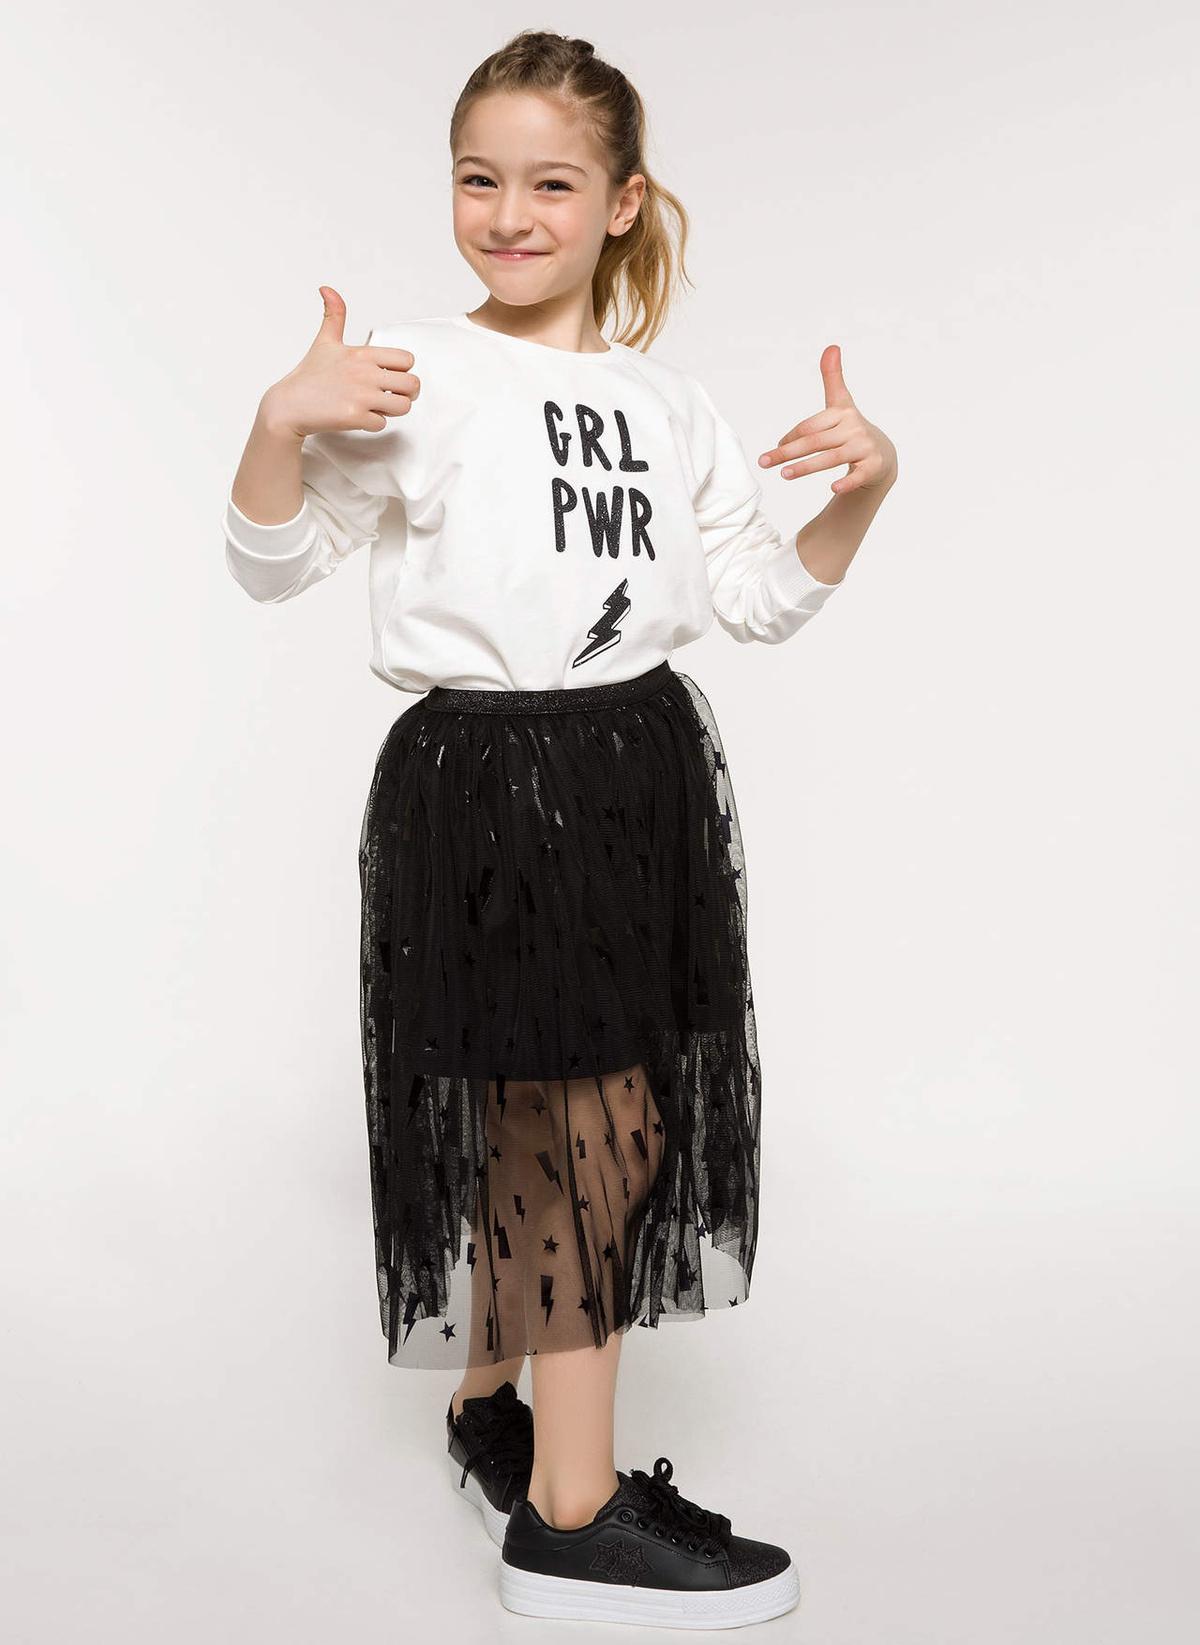 Defacto Sweatshirt I5791a618sper105 Girl Power Baskılı Swea – 29.99 TL